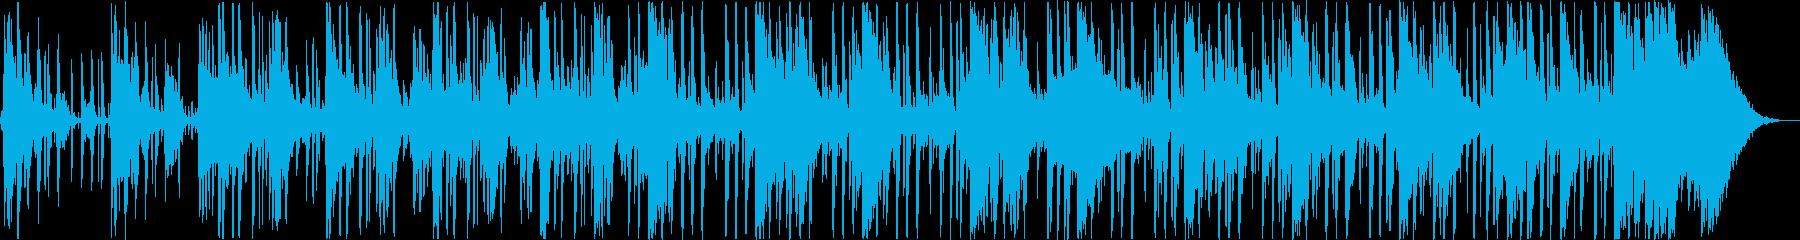 法人 アクション ハイテク コミュ...の再生済みの波形